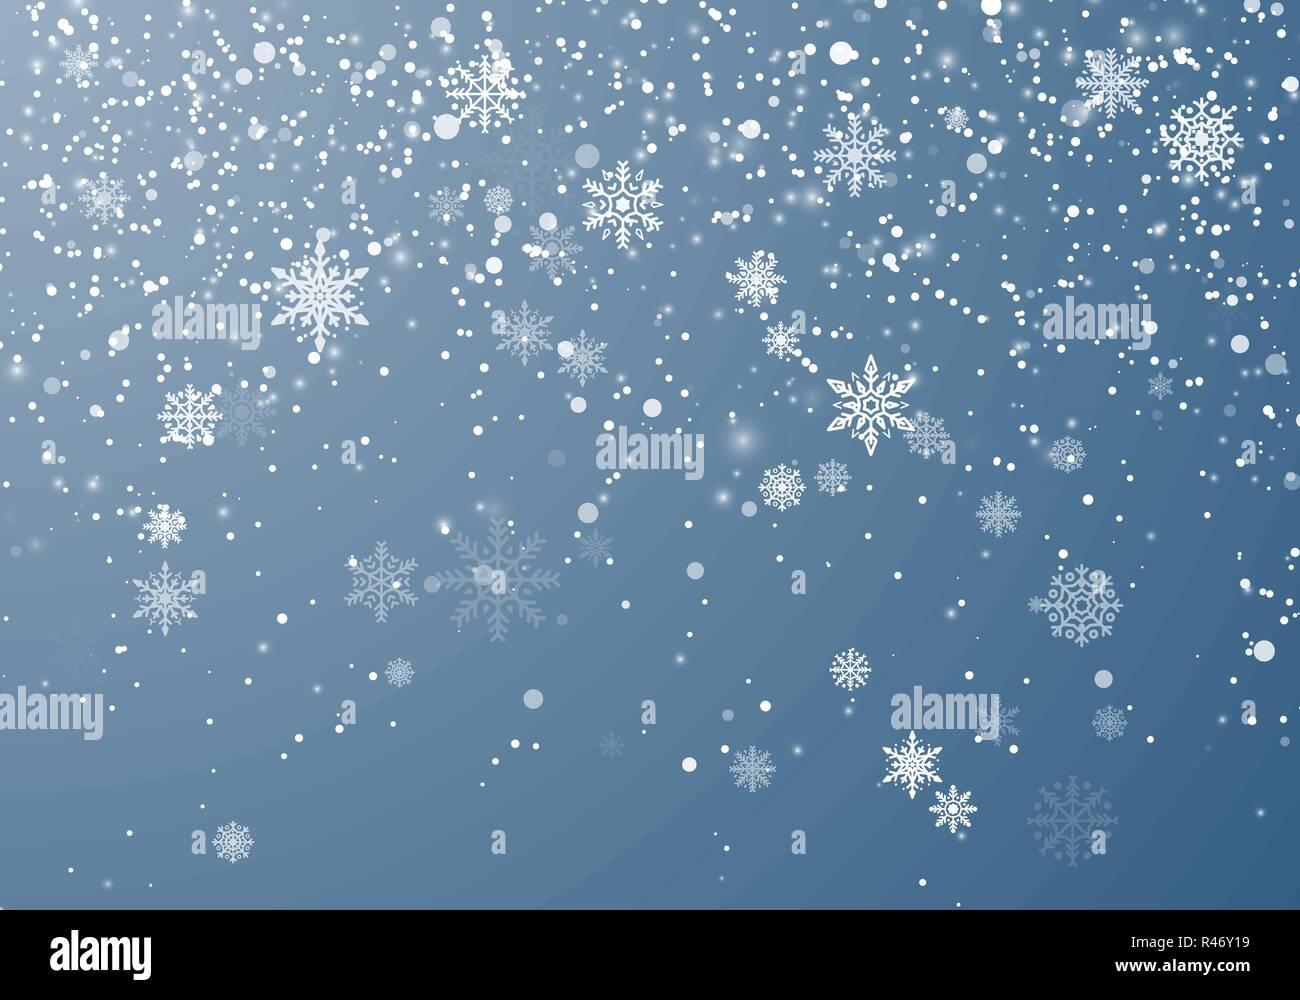 Nevicata sfondo di Natale. Flying fiocchi di neve e stelle sul cielo invernale dello sfondo. Inverno fiocco di neve wite modello di overlay. Illustrazione Vettoriale Immagini Stock